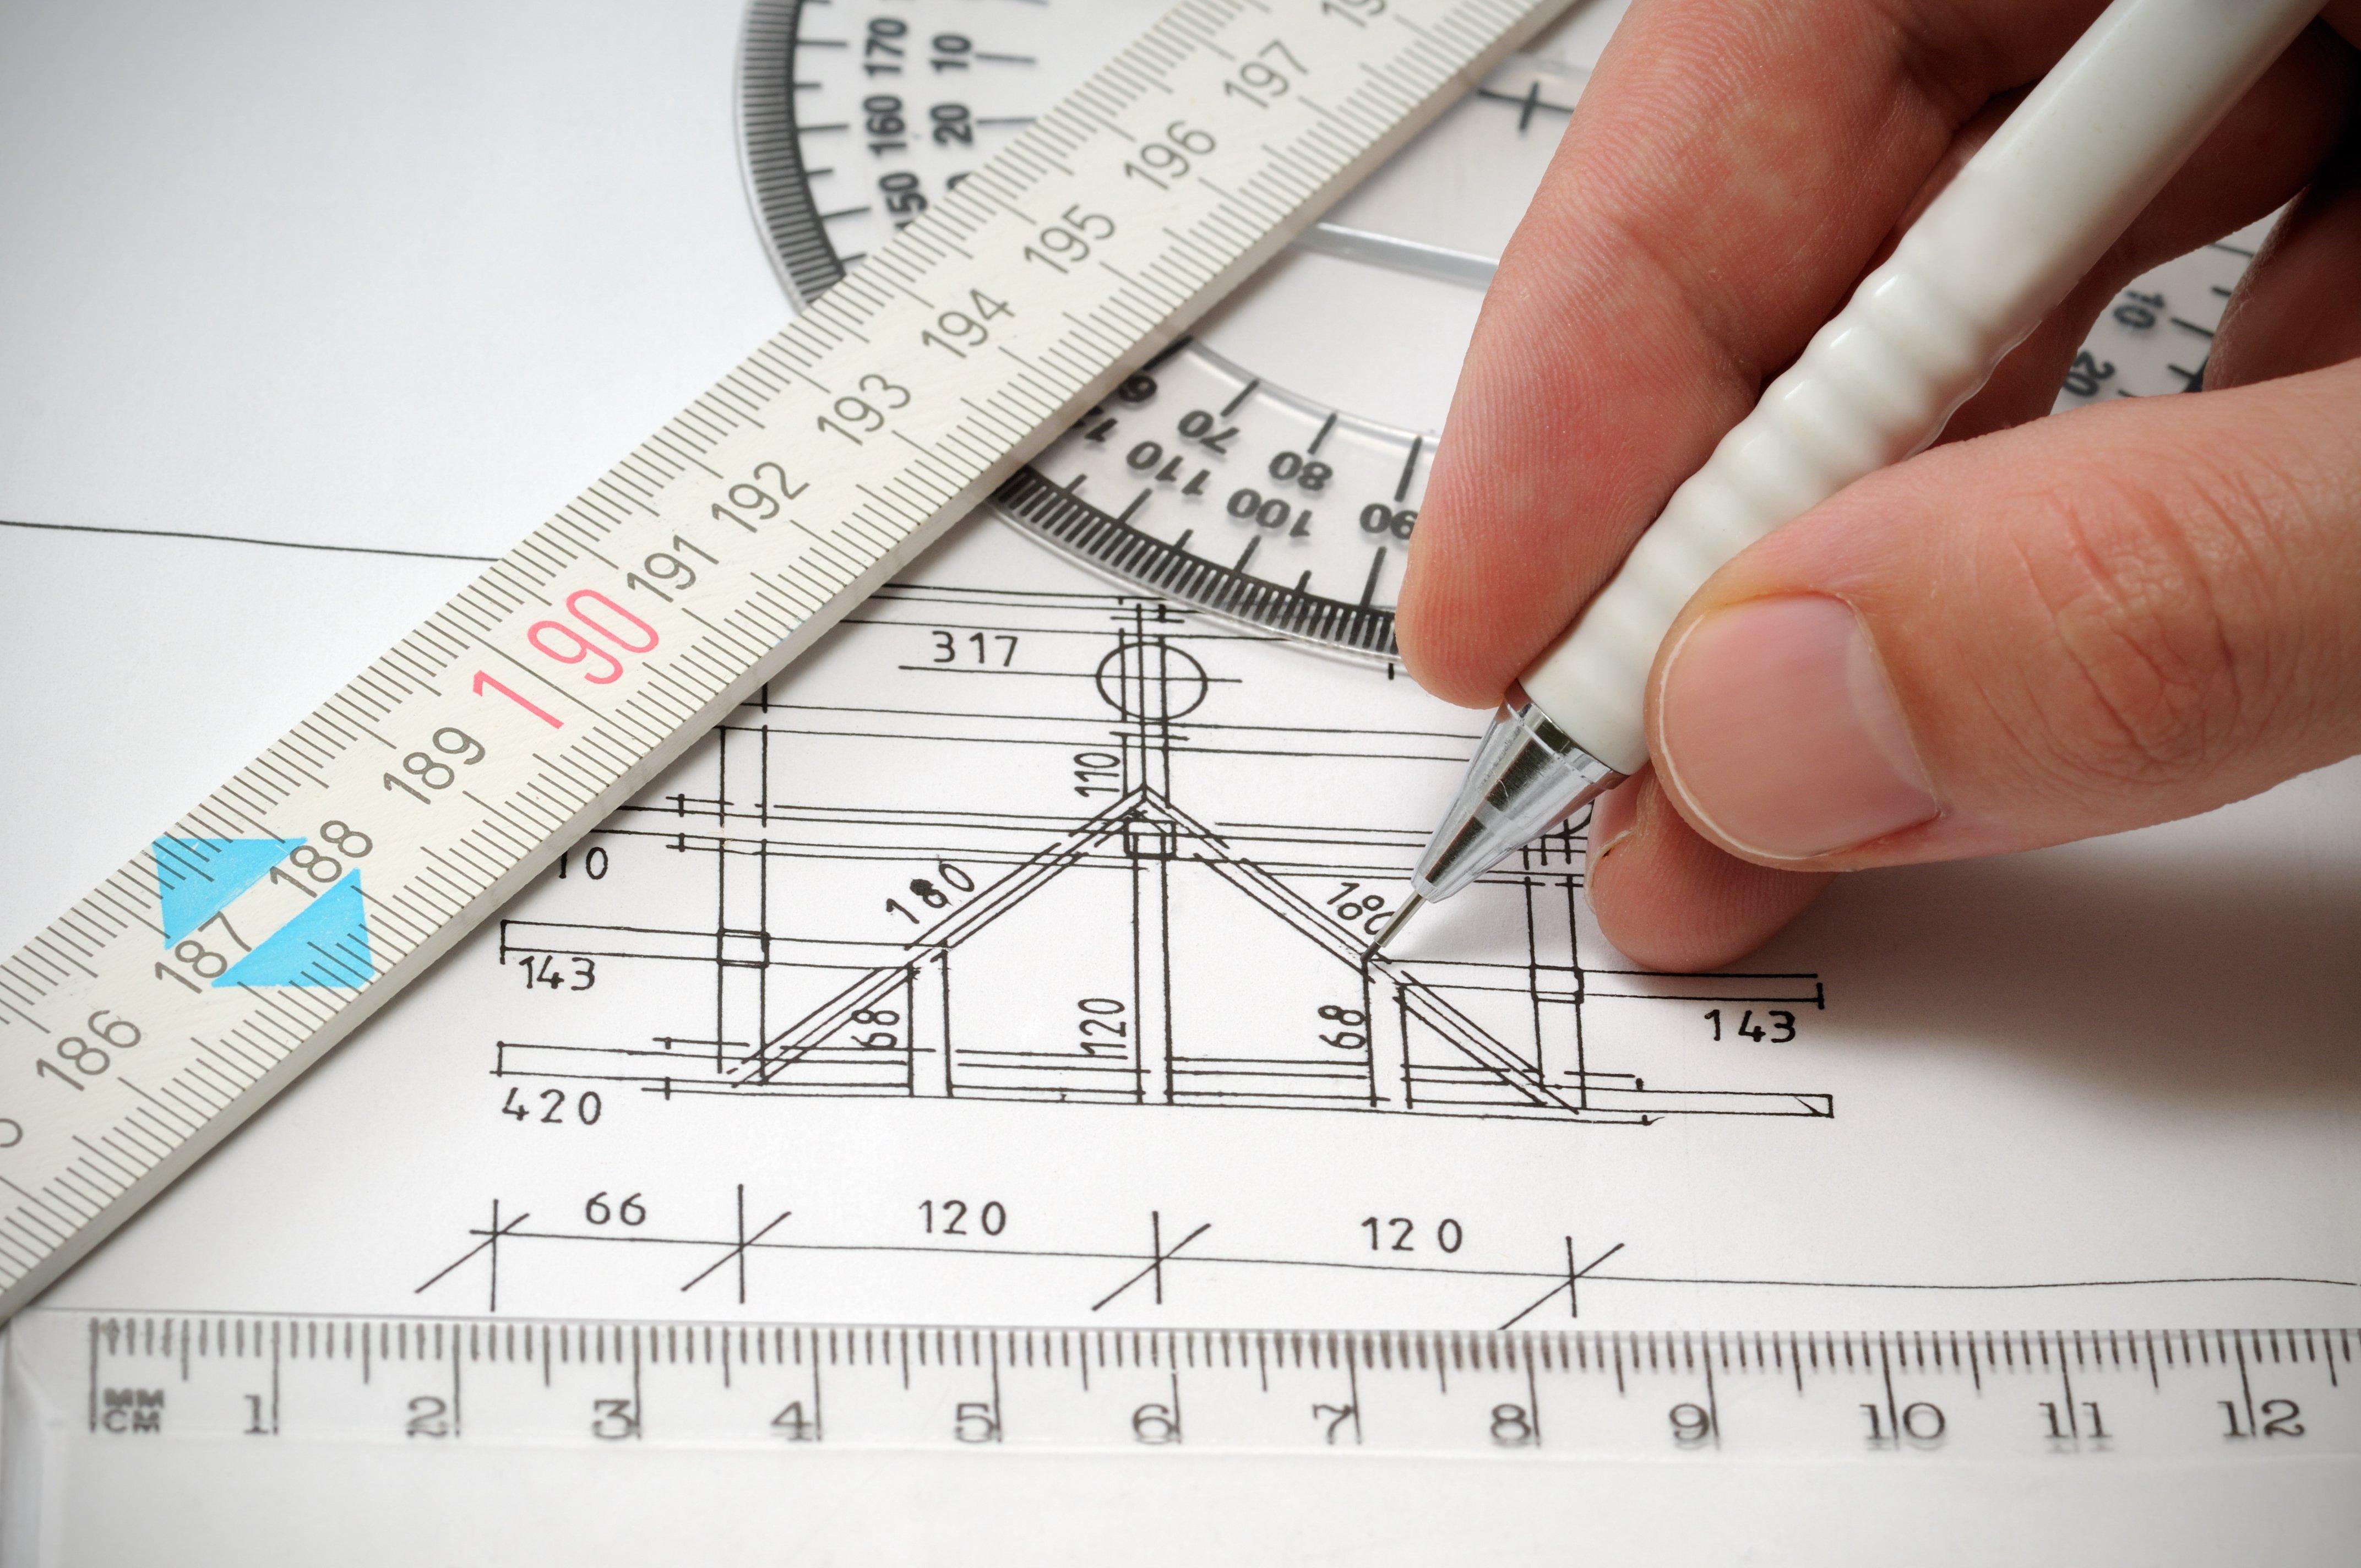 استخدام کارشناس نقشه برداری مسلط به برداشت زیرزمینی